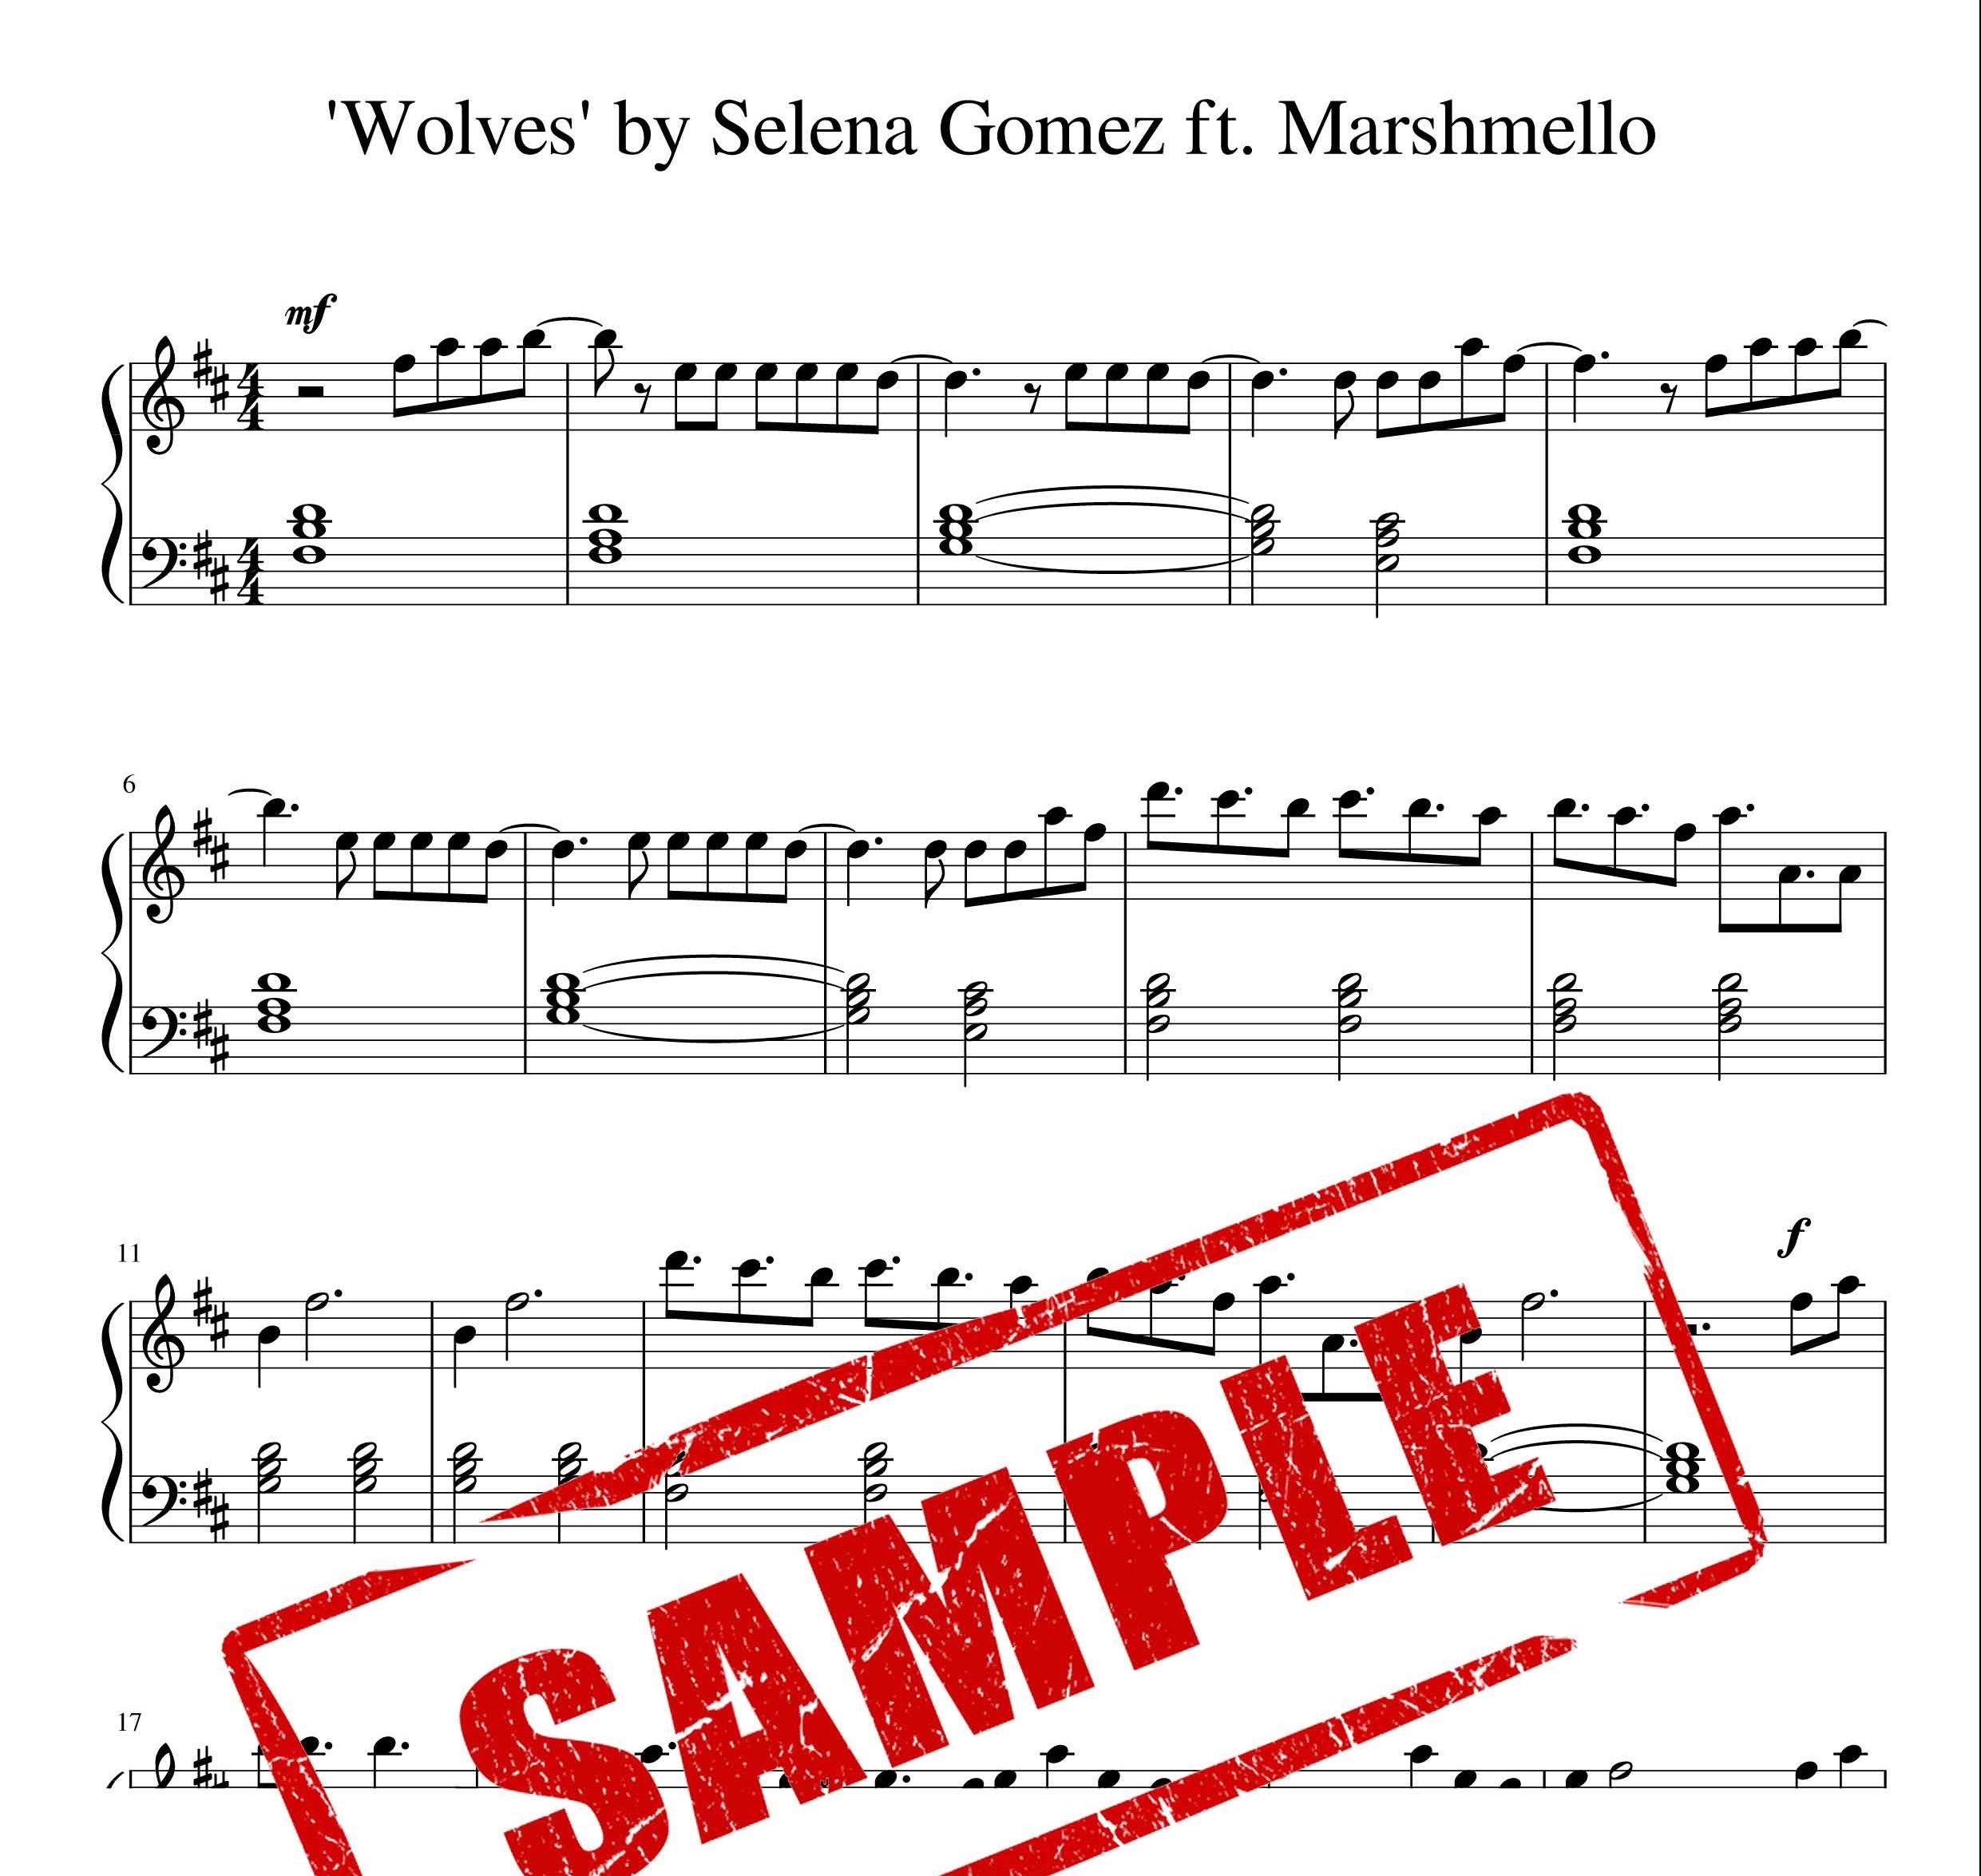 نت پیانو اهنگ wolves از selena gomez